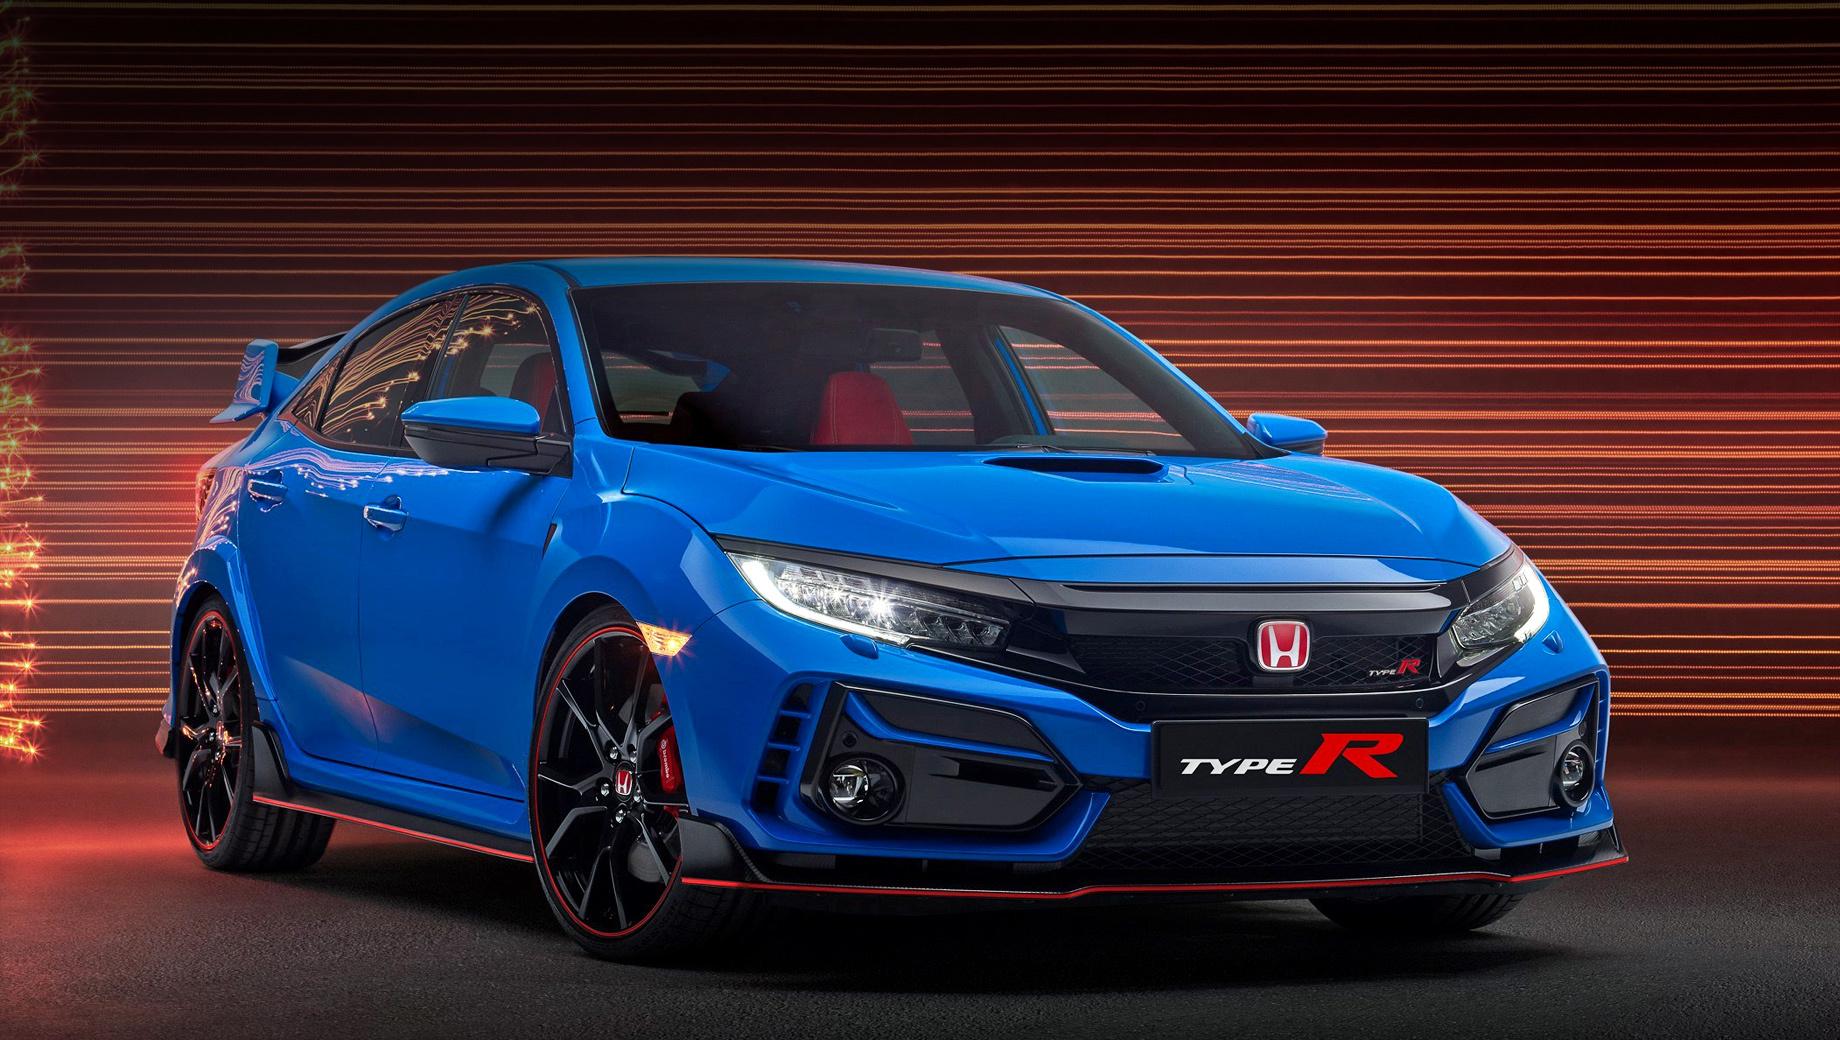 Honda civic,Honda civic type r,Honda s660. В оба бампера внедрены L-образные вставки в цвет кузова (на фото новый эксклюзивный колер Boost Blue), светодиодные фары отныне закреплены на чёрной подложке, коррекция решётки улучшила охлаждение двигателя — других новаций не видно.